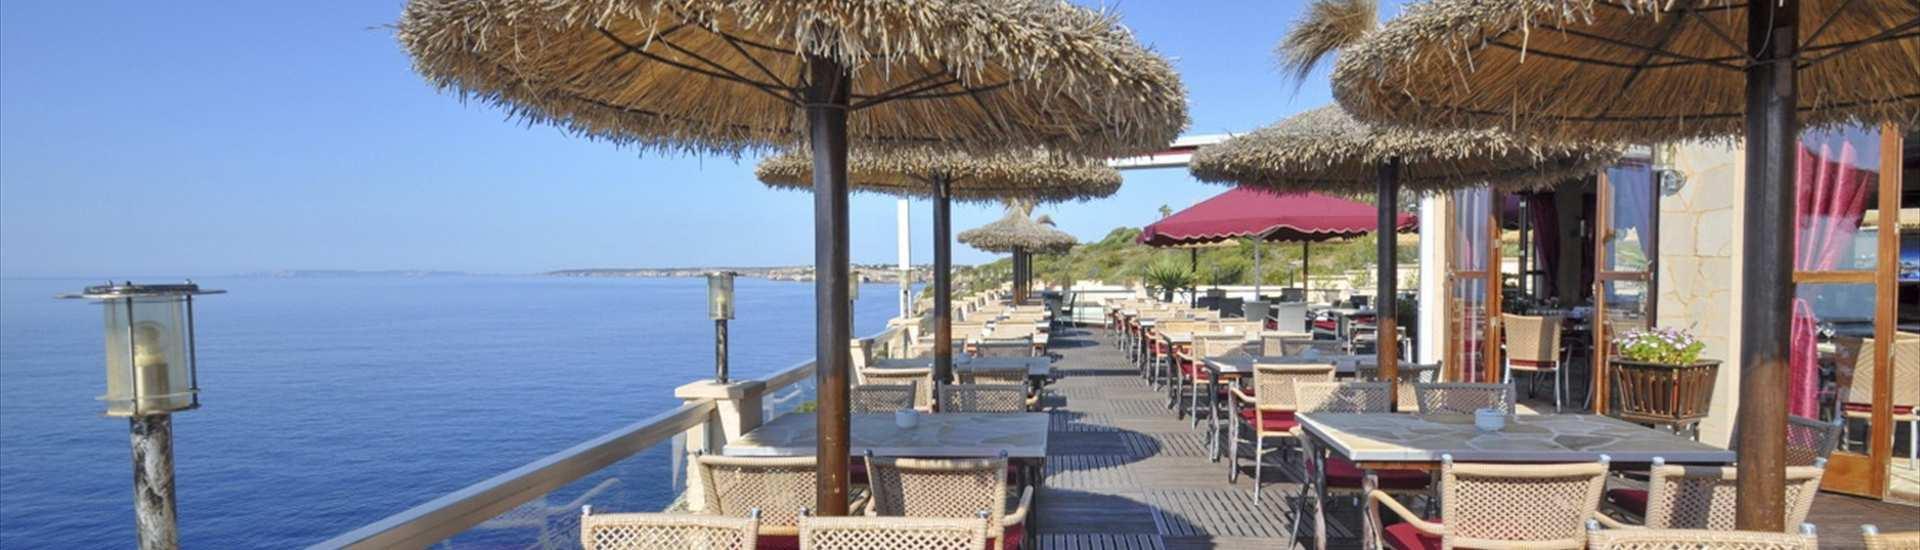 Pura Vida Hotel Mallorca